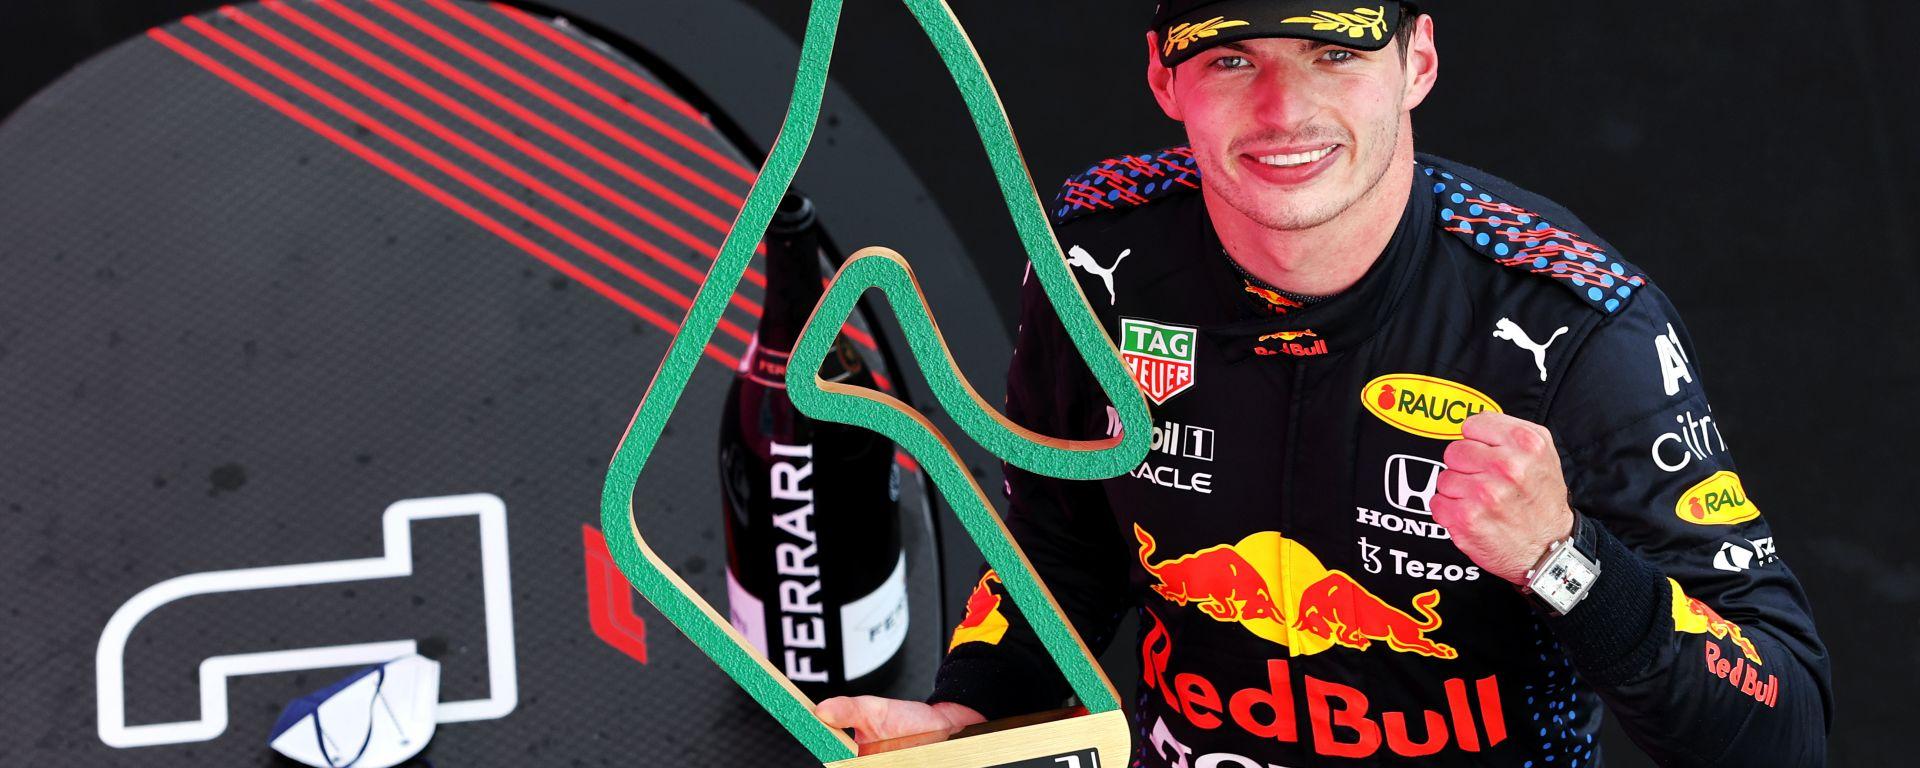 F1 GP Stiria 2021, Spielberg: Max Verstappen (Red Bull Racing) festeggia sul podio